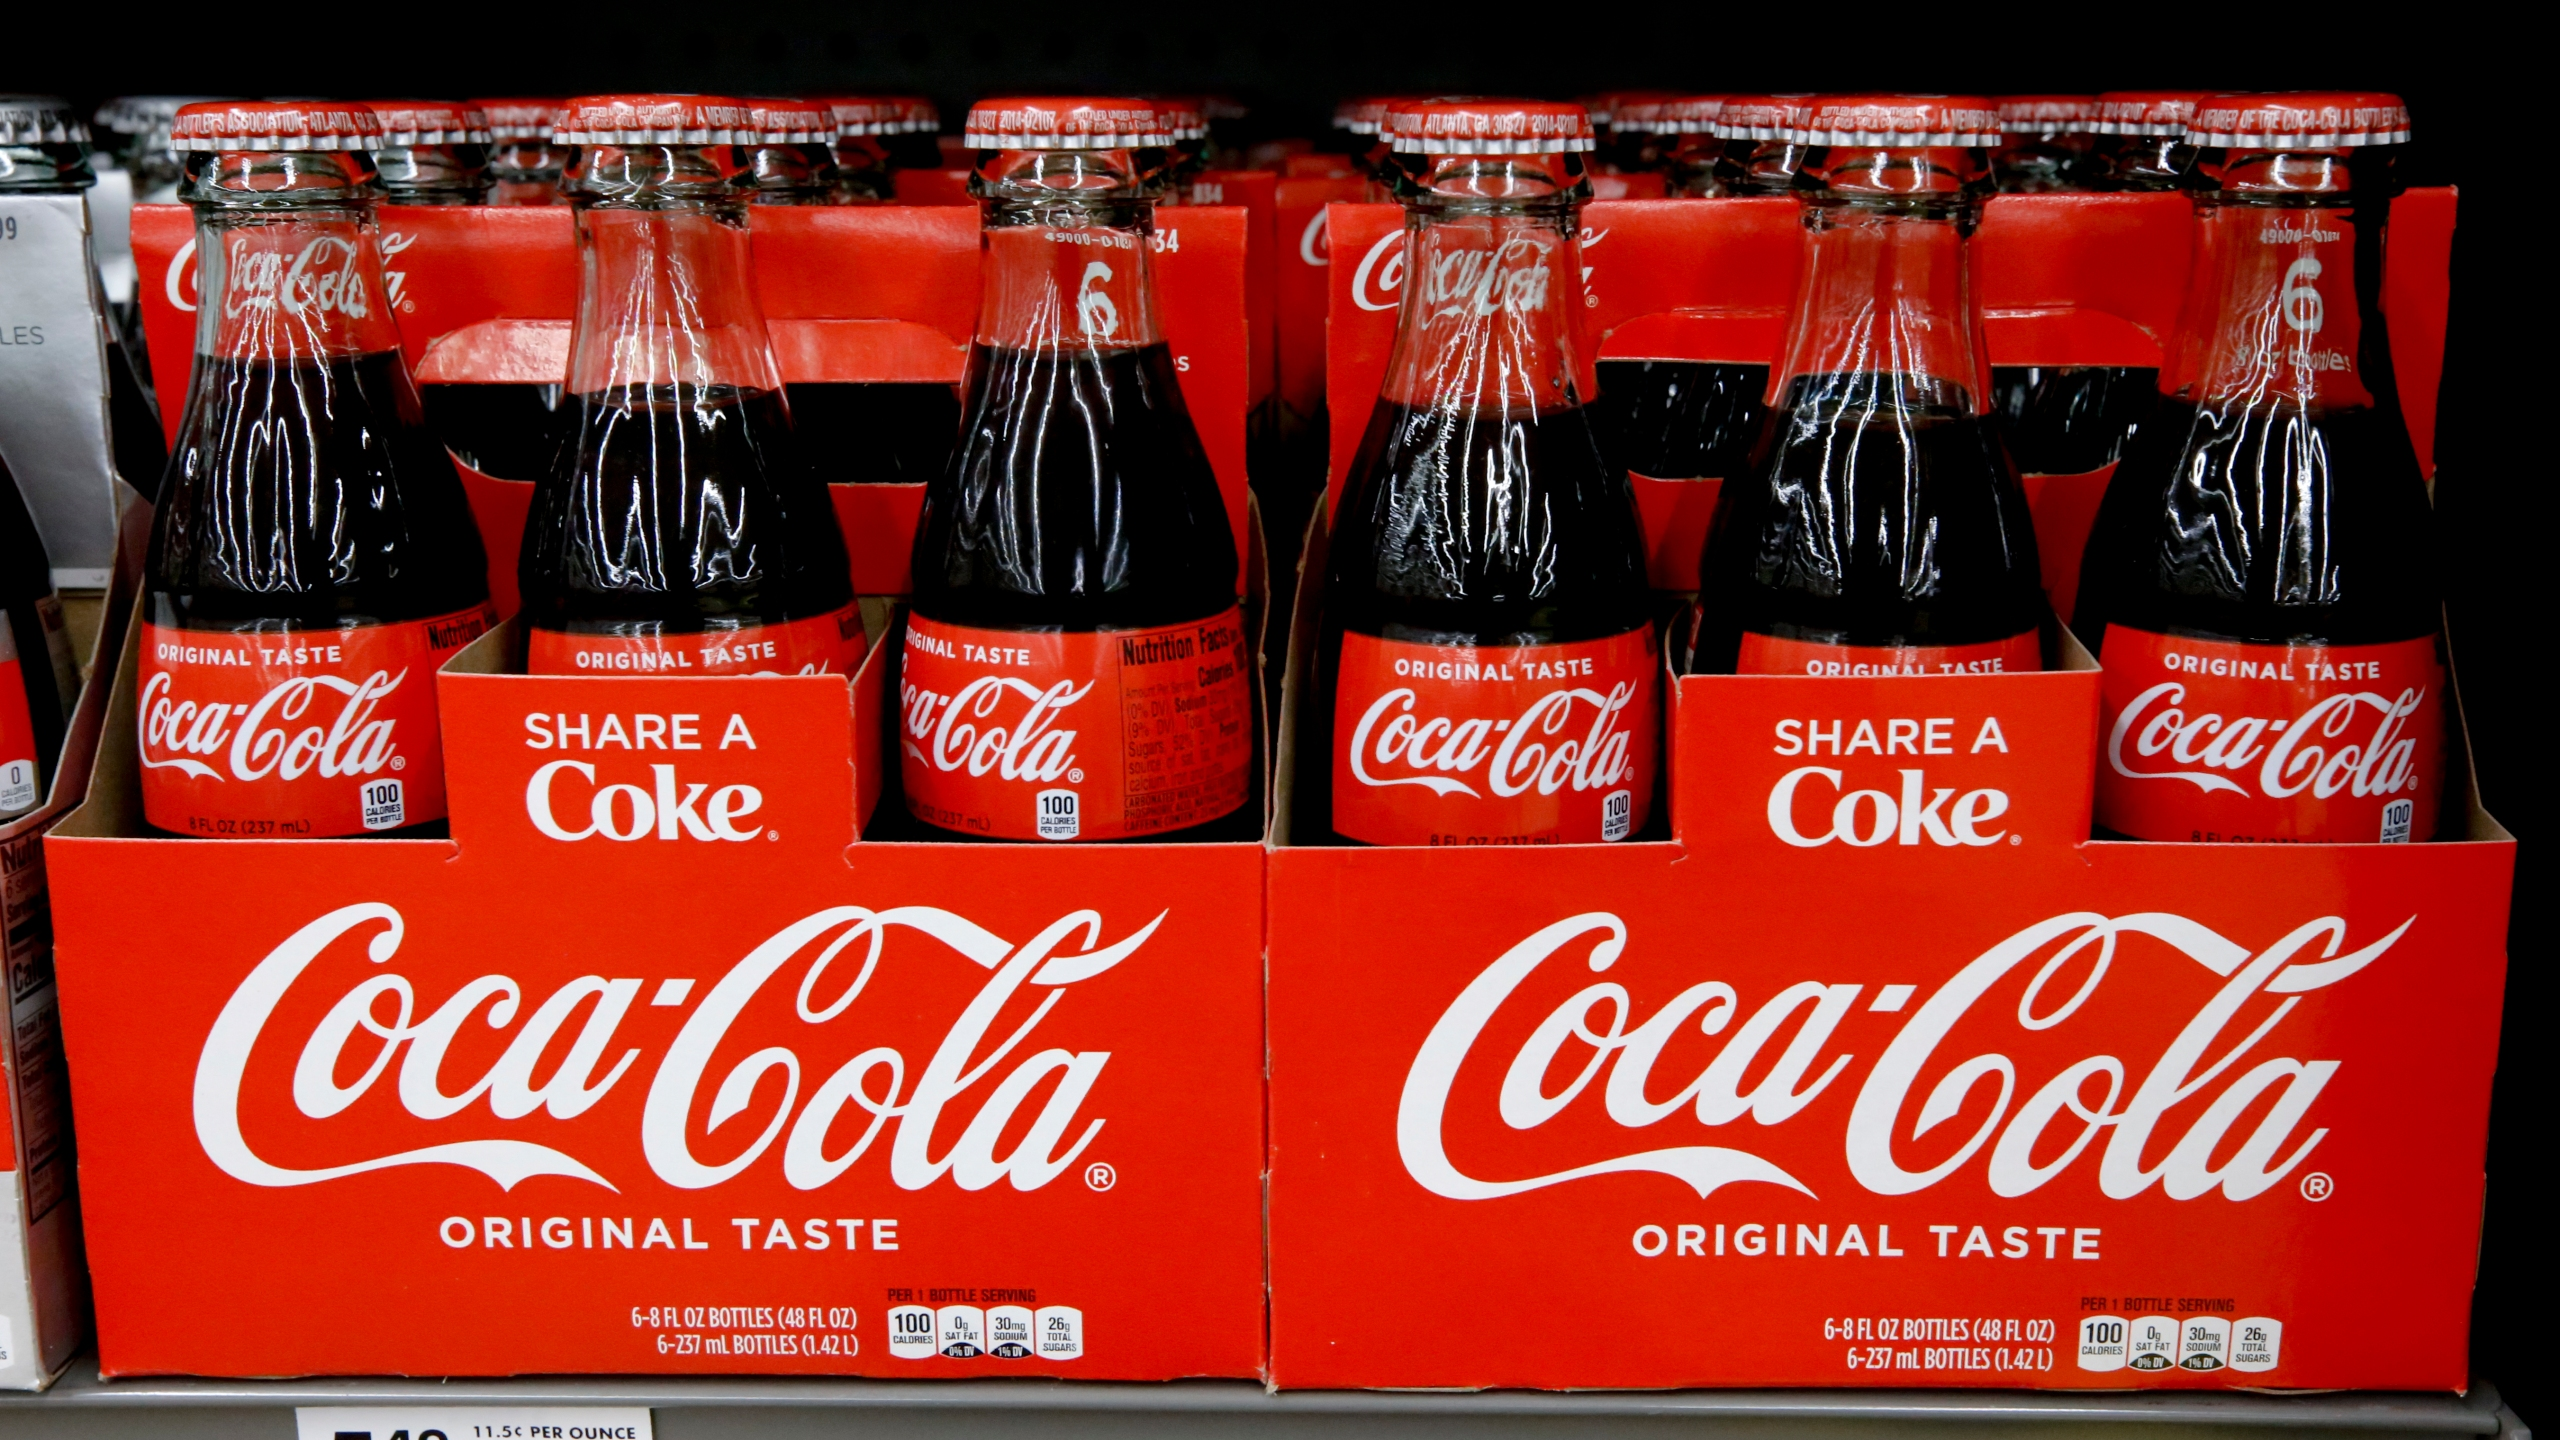 Coca_Cola_Cannabis_50107-159532.jpg21220770